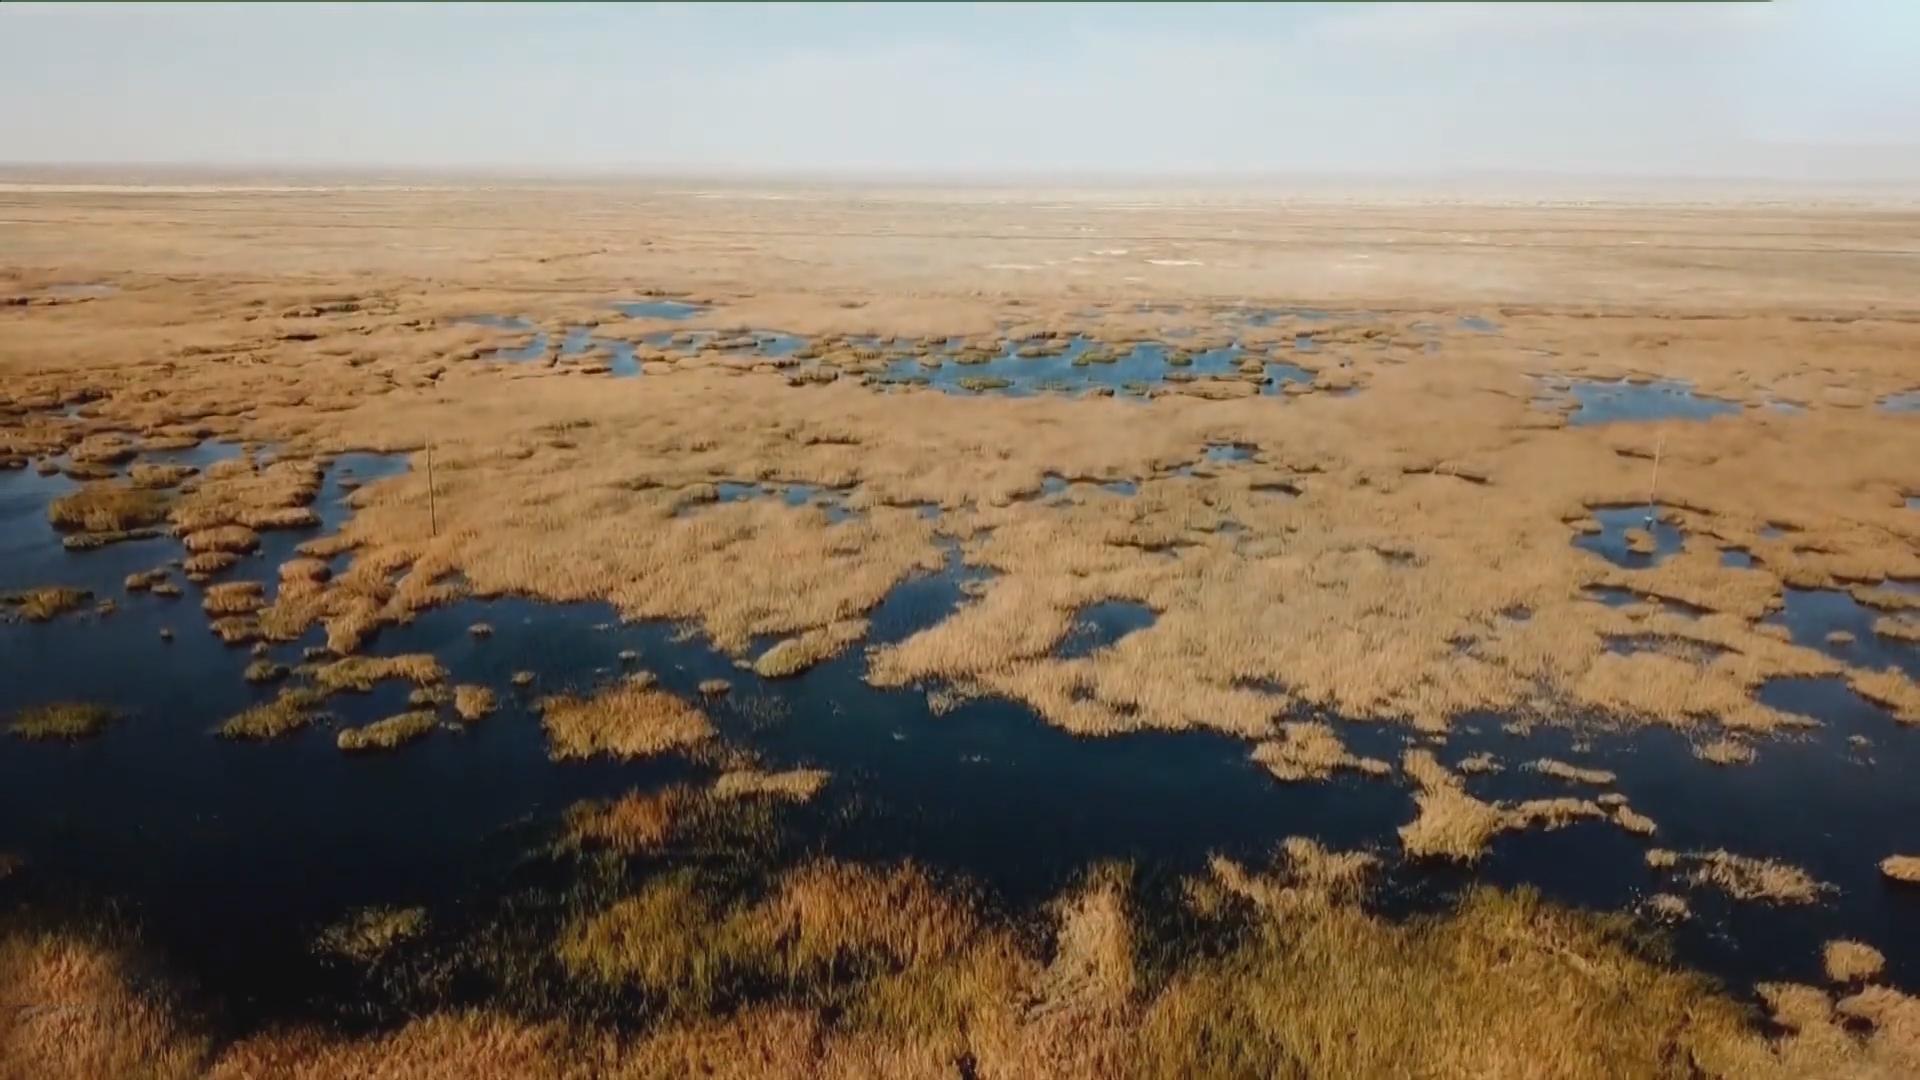 Hồ nước hồi sinh sau 50 năm khô cạn